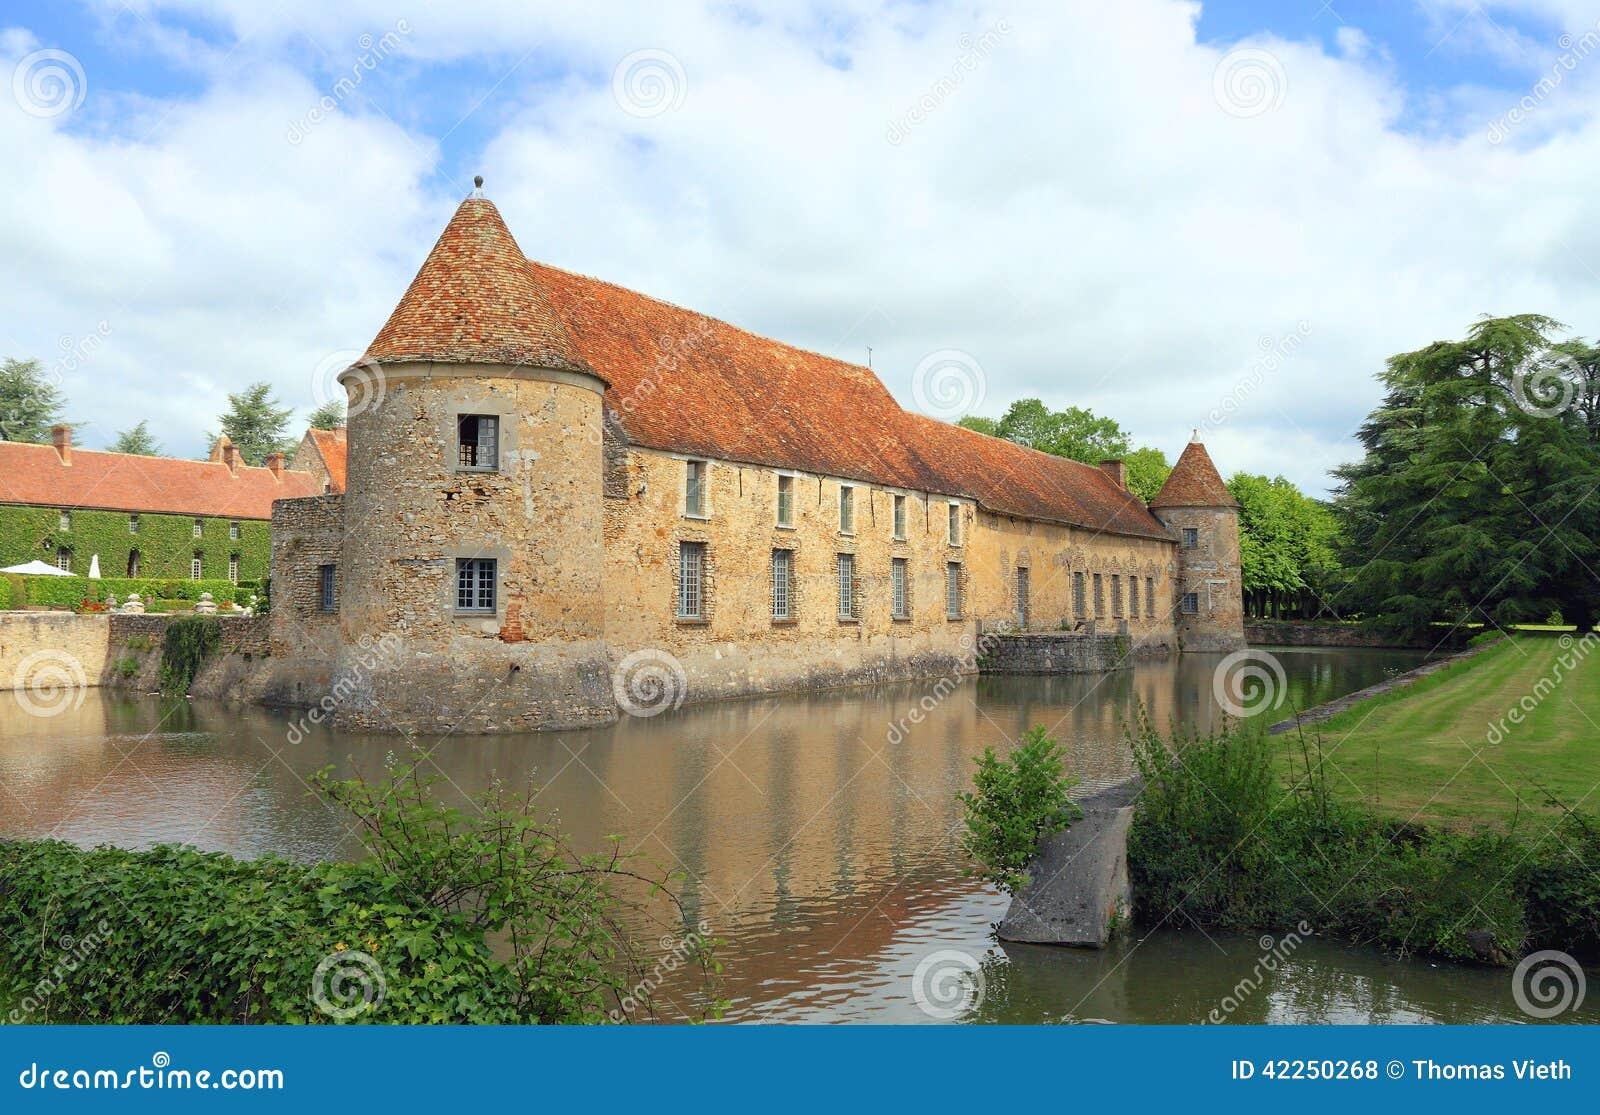 France yvelines castle ch teau de villiers le mahieu for Chateau yveline